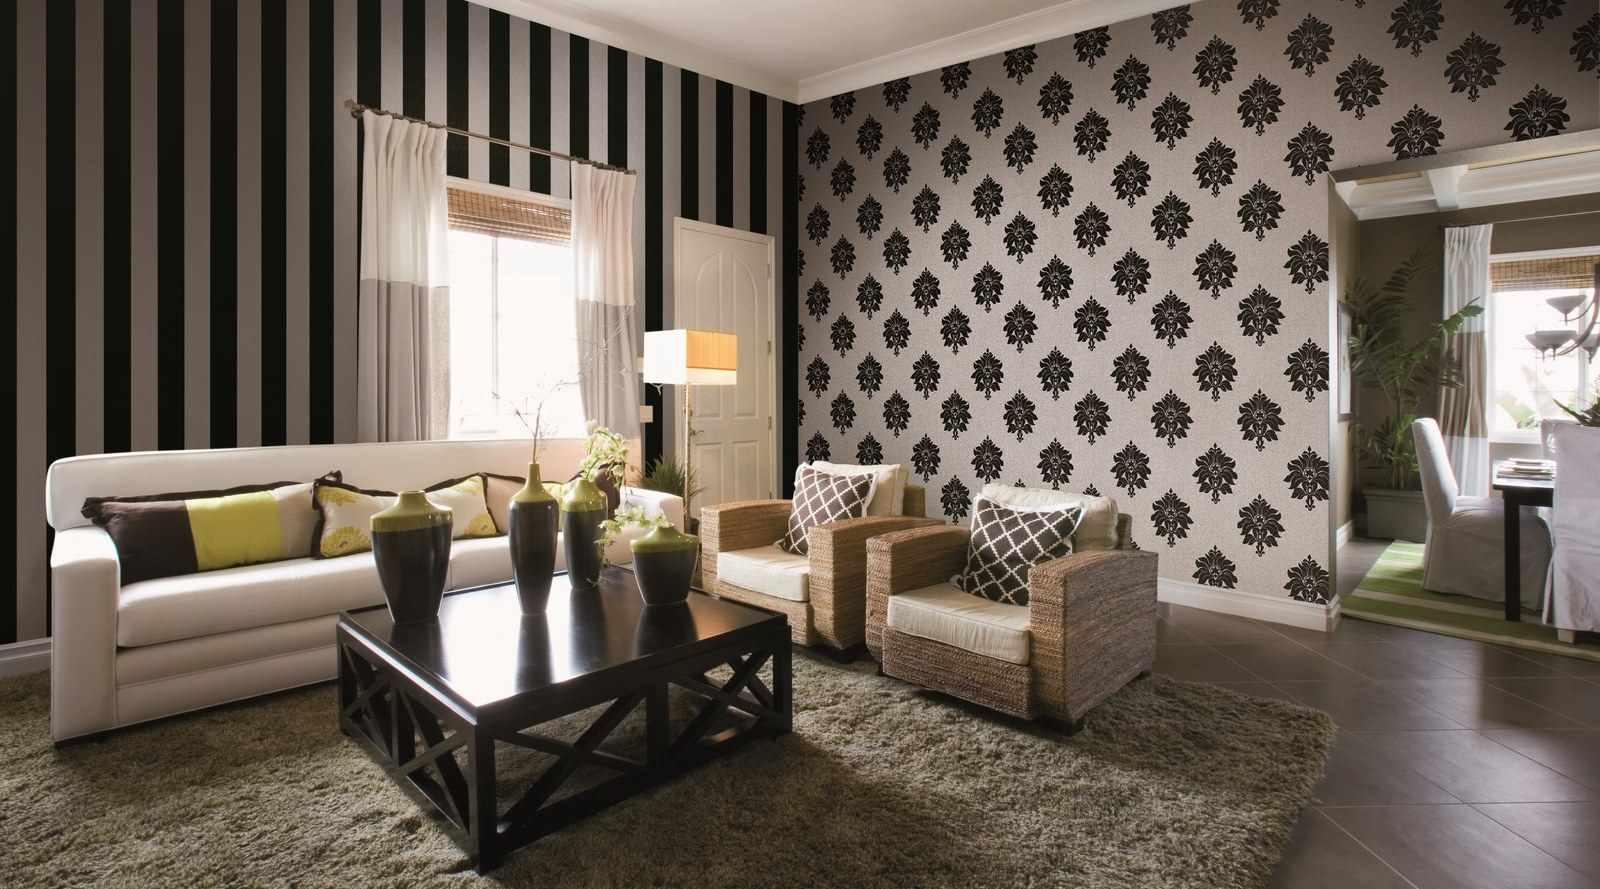 Một ví dụ về thiết kế sáng của giấy dán tường cho phòng khách